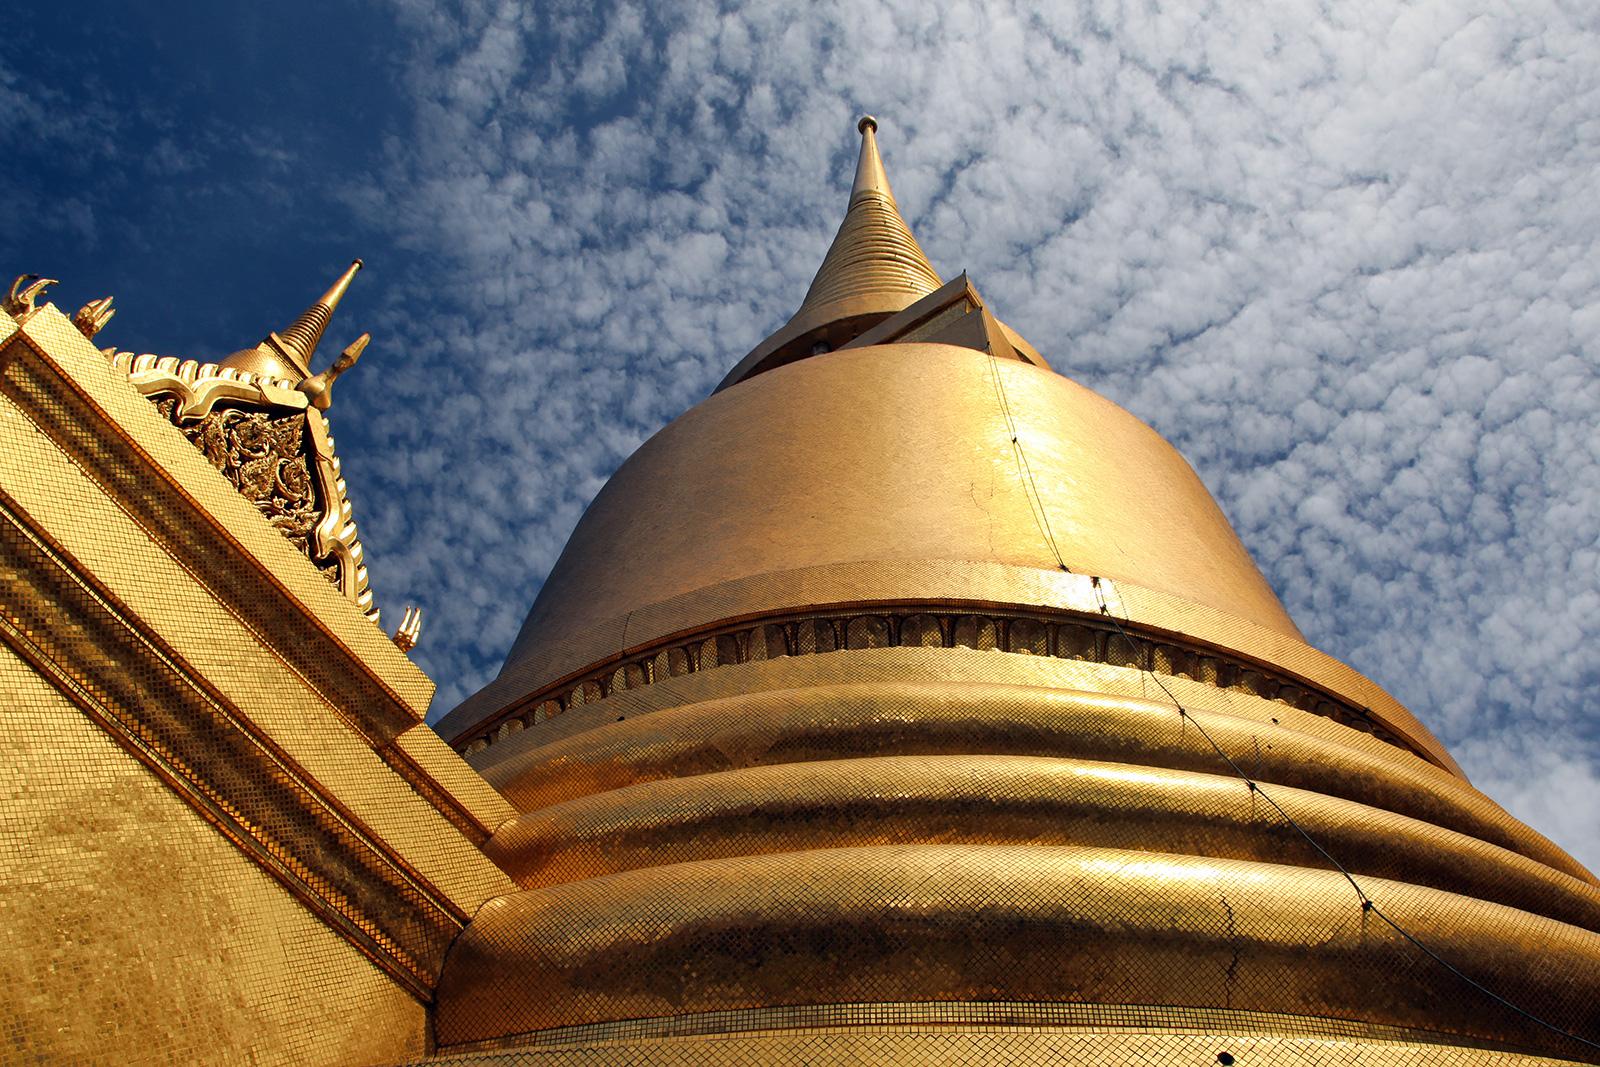 tempels-bangkok-thailand-3